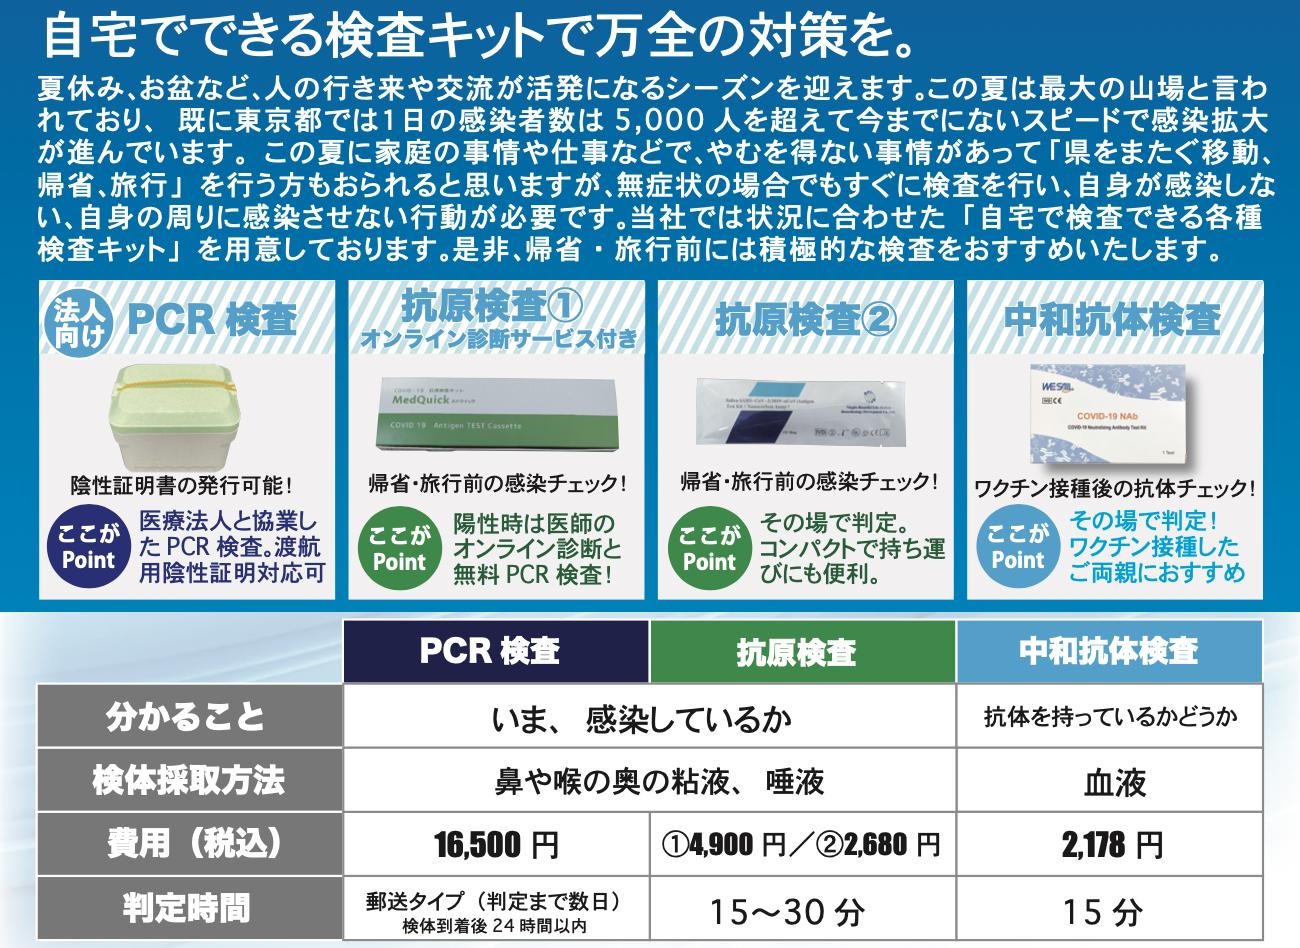 新型コロナウイルス検査キット送料無料キャンペーン 商品画像